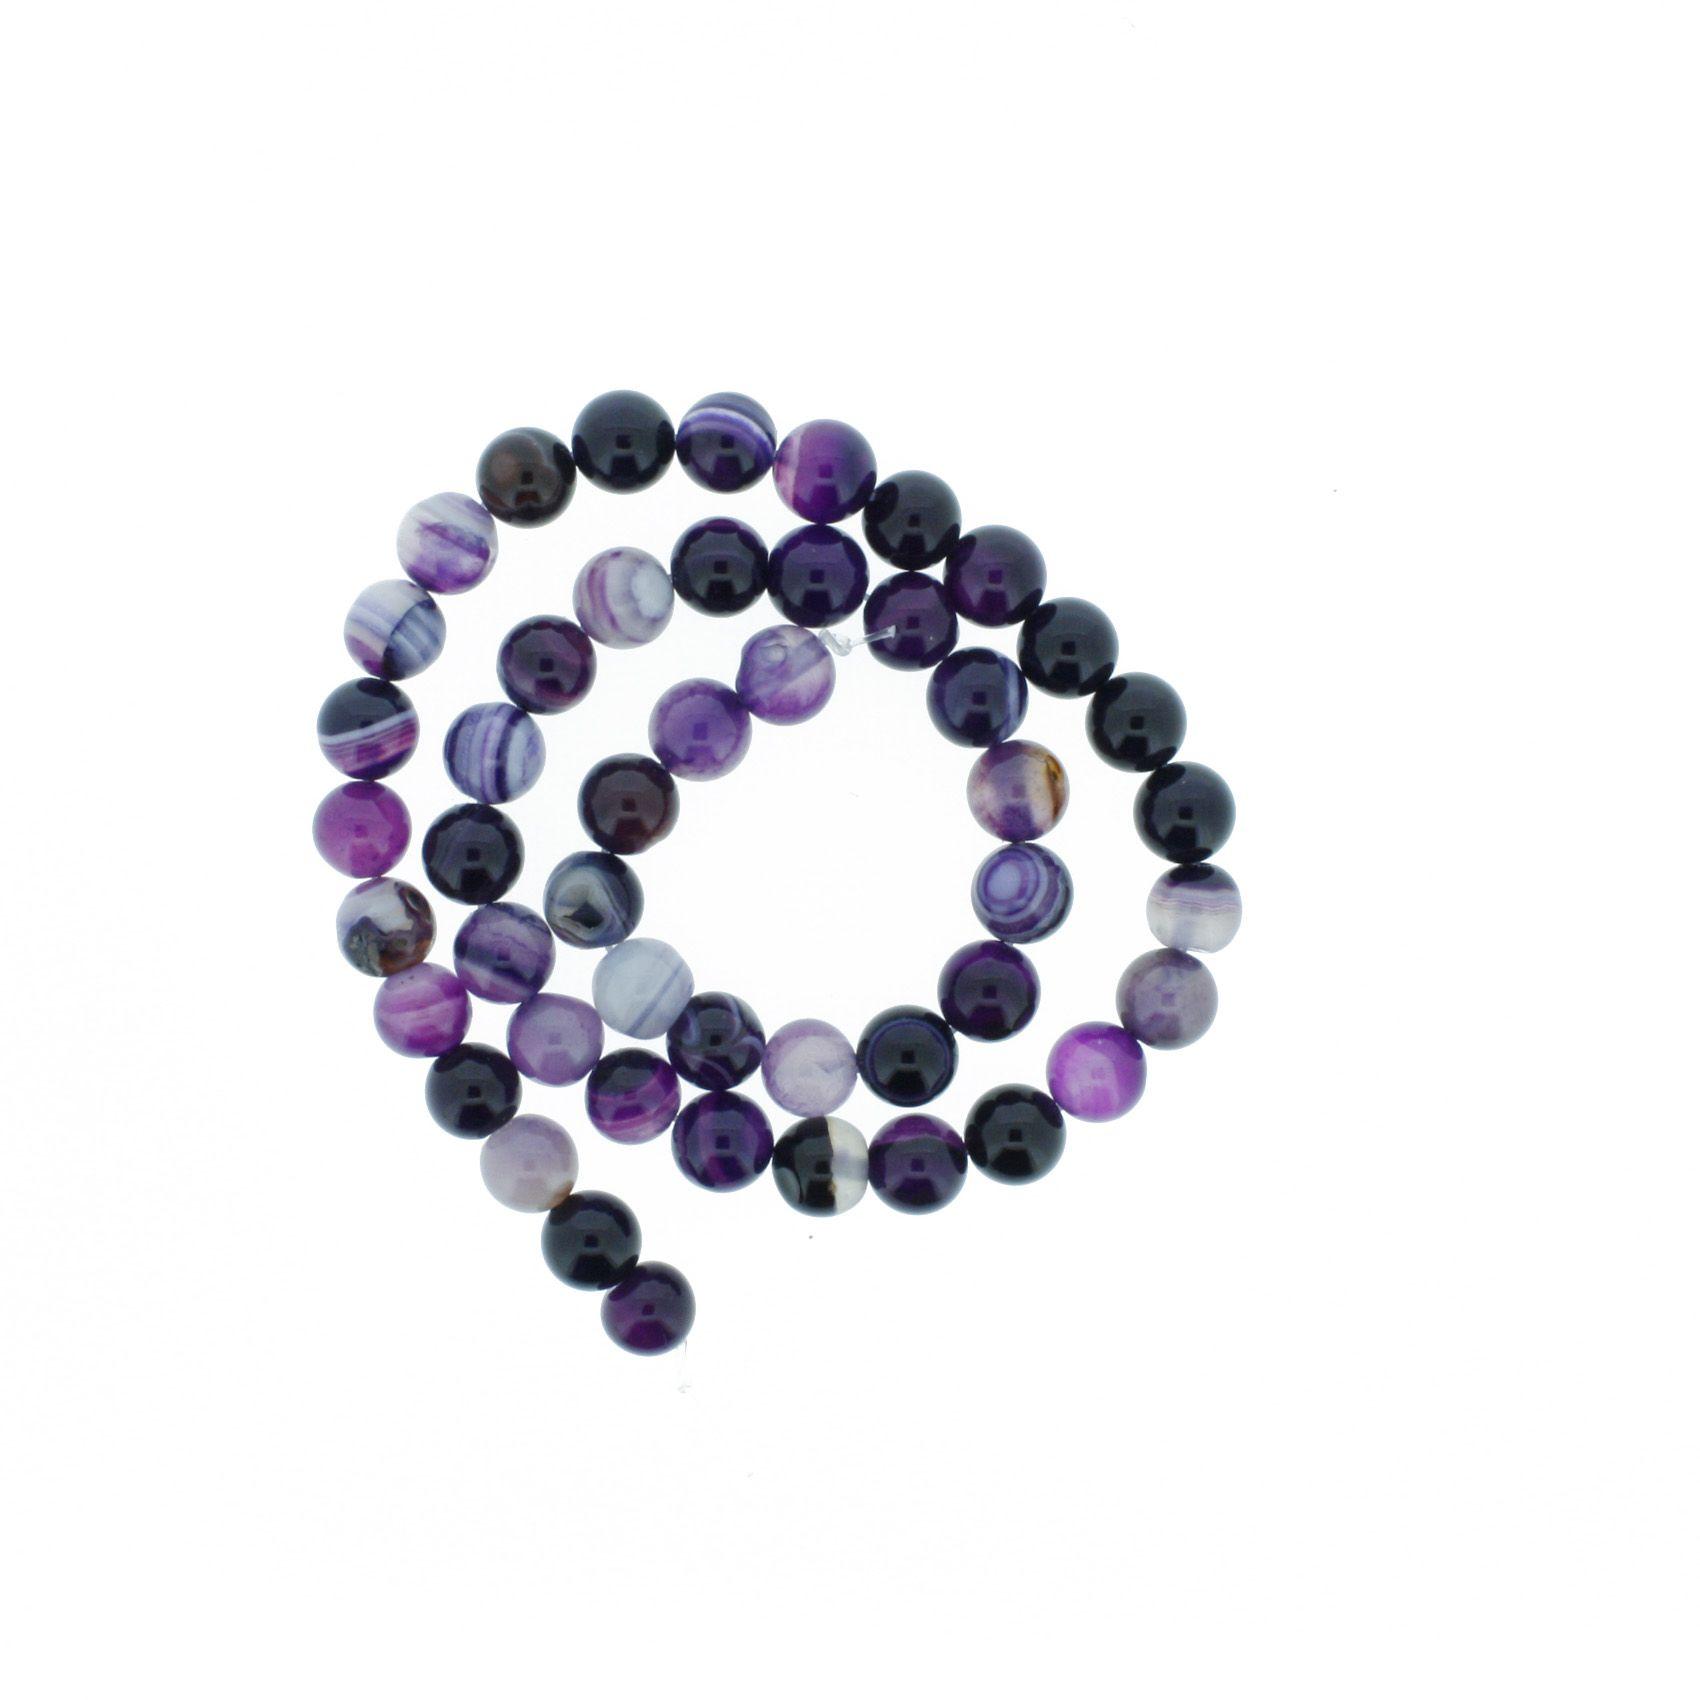 Fio de Pedra - Pietra® - Ágata Roxa - 8mm  - Universo Religioso® - Artigos de Umbanda e Candomblé